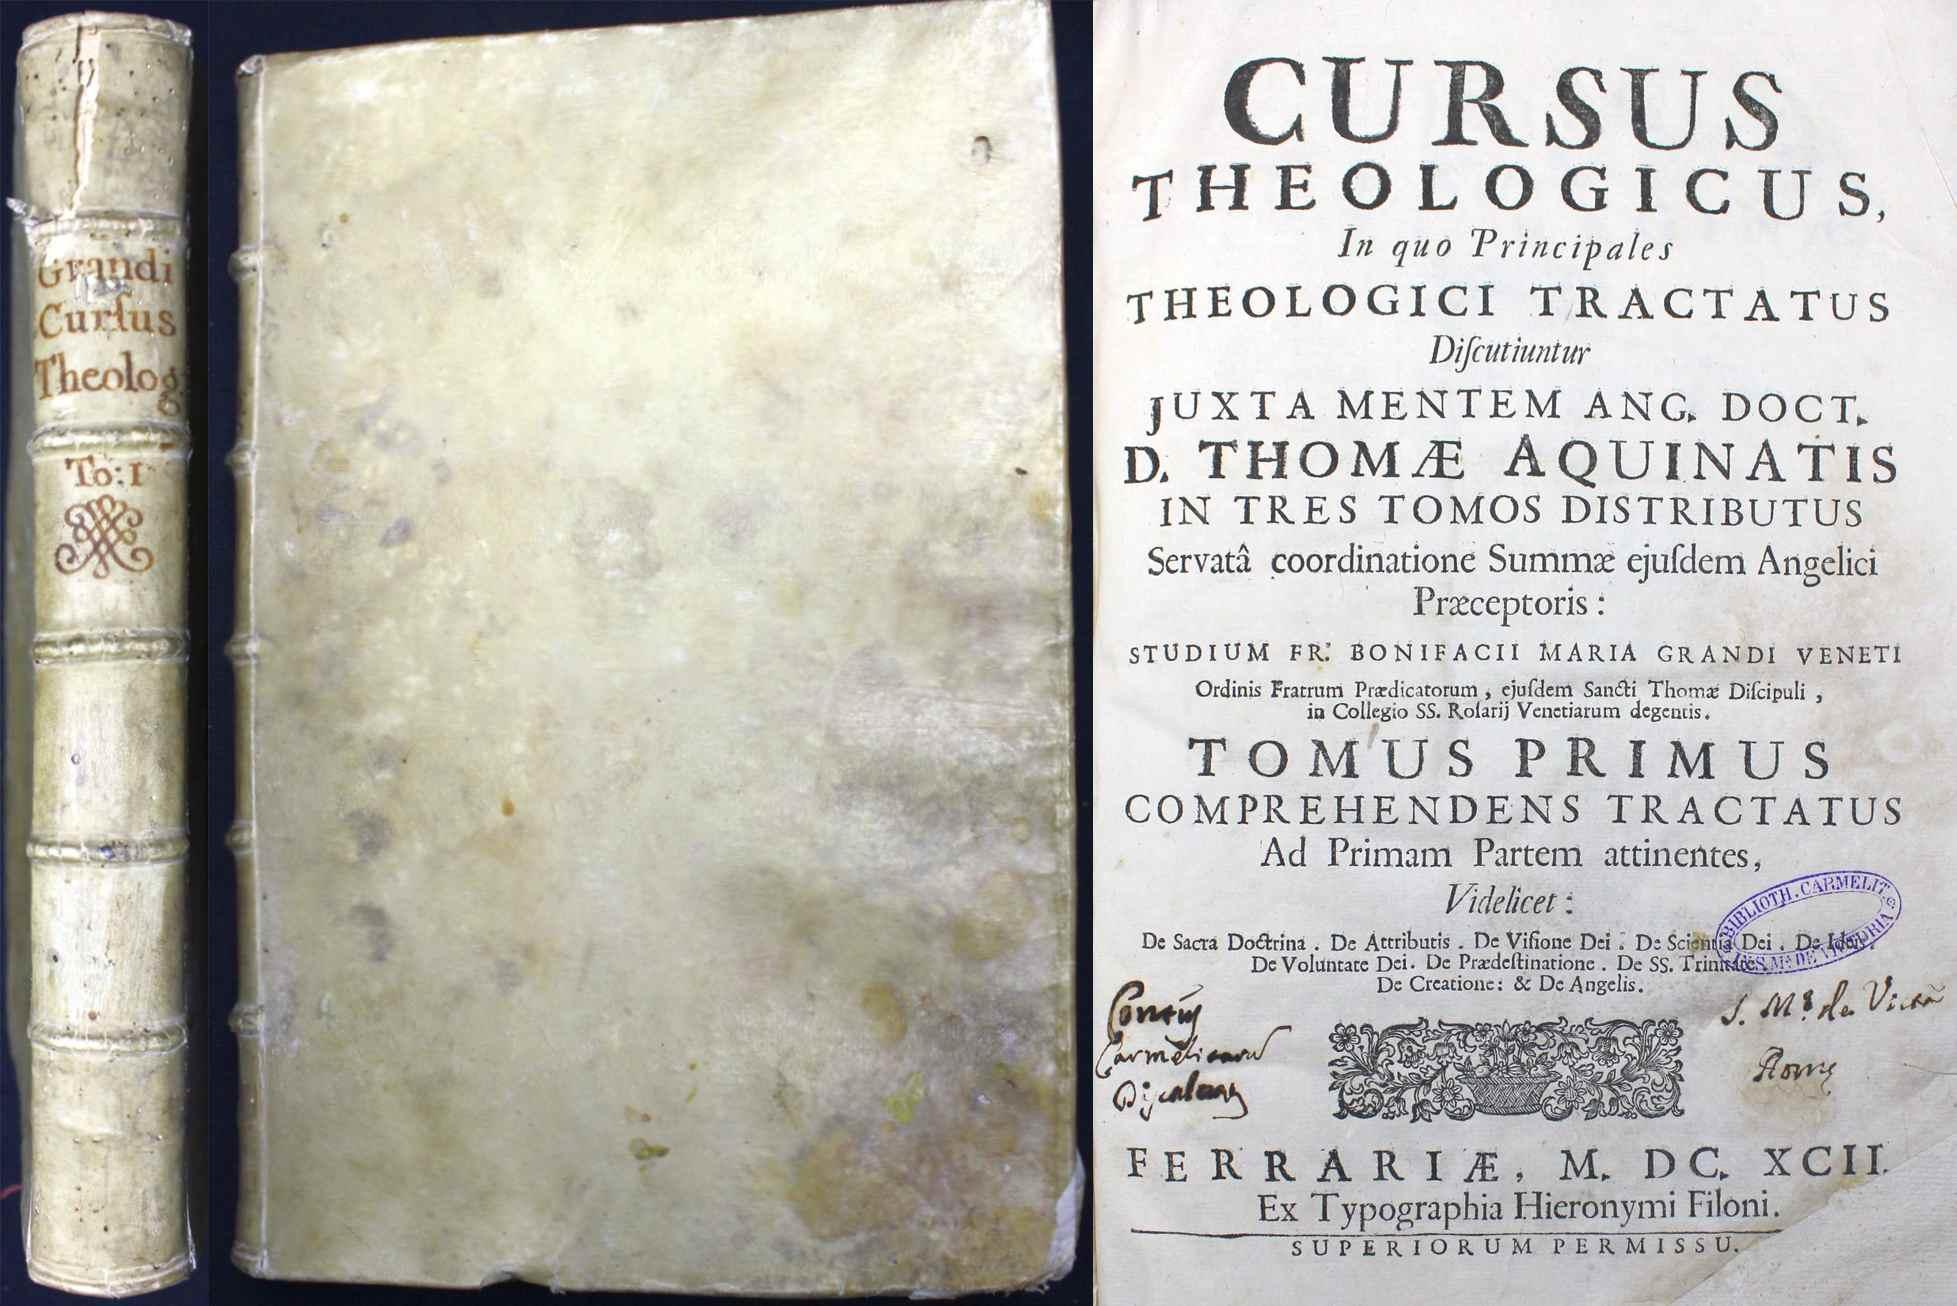 Cursus theologicus. In quo principales theologici tractatus: Aquin, Thomas von